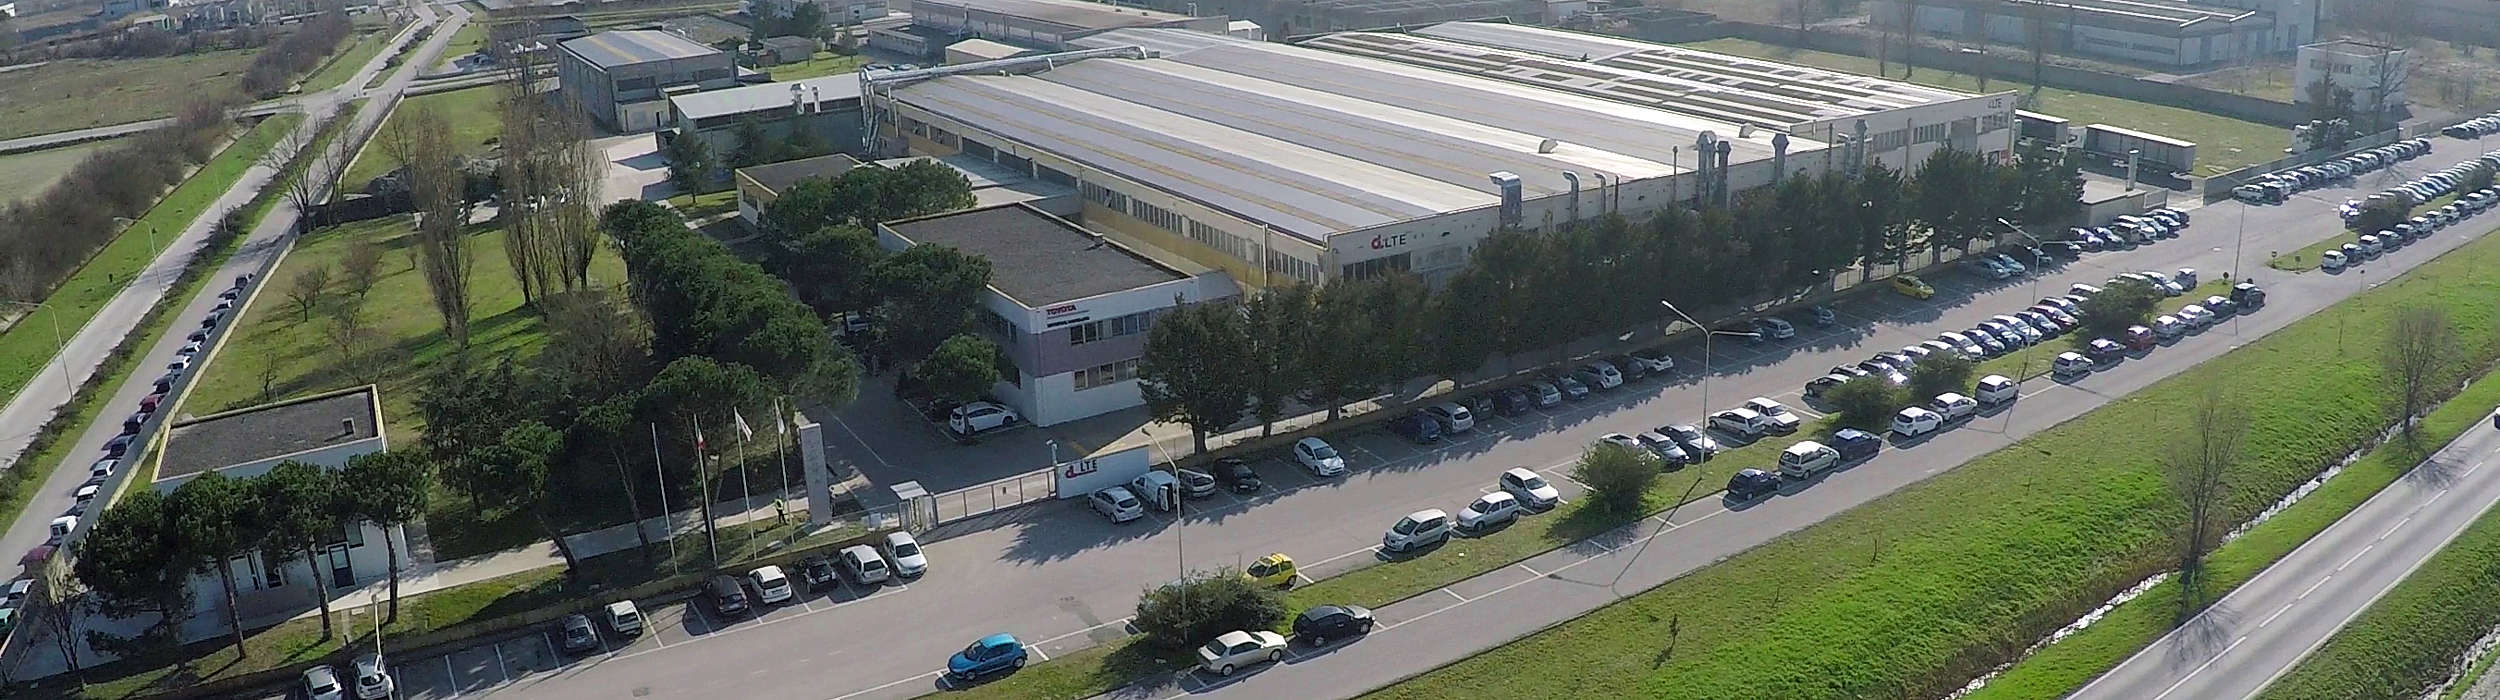 Ferrarai gyár